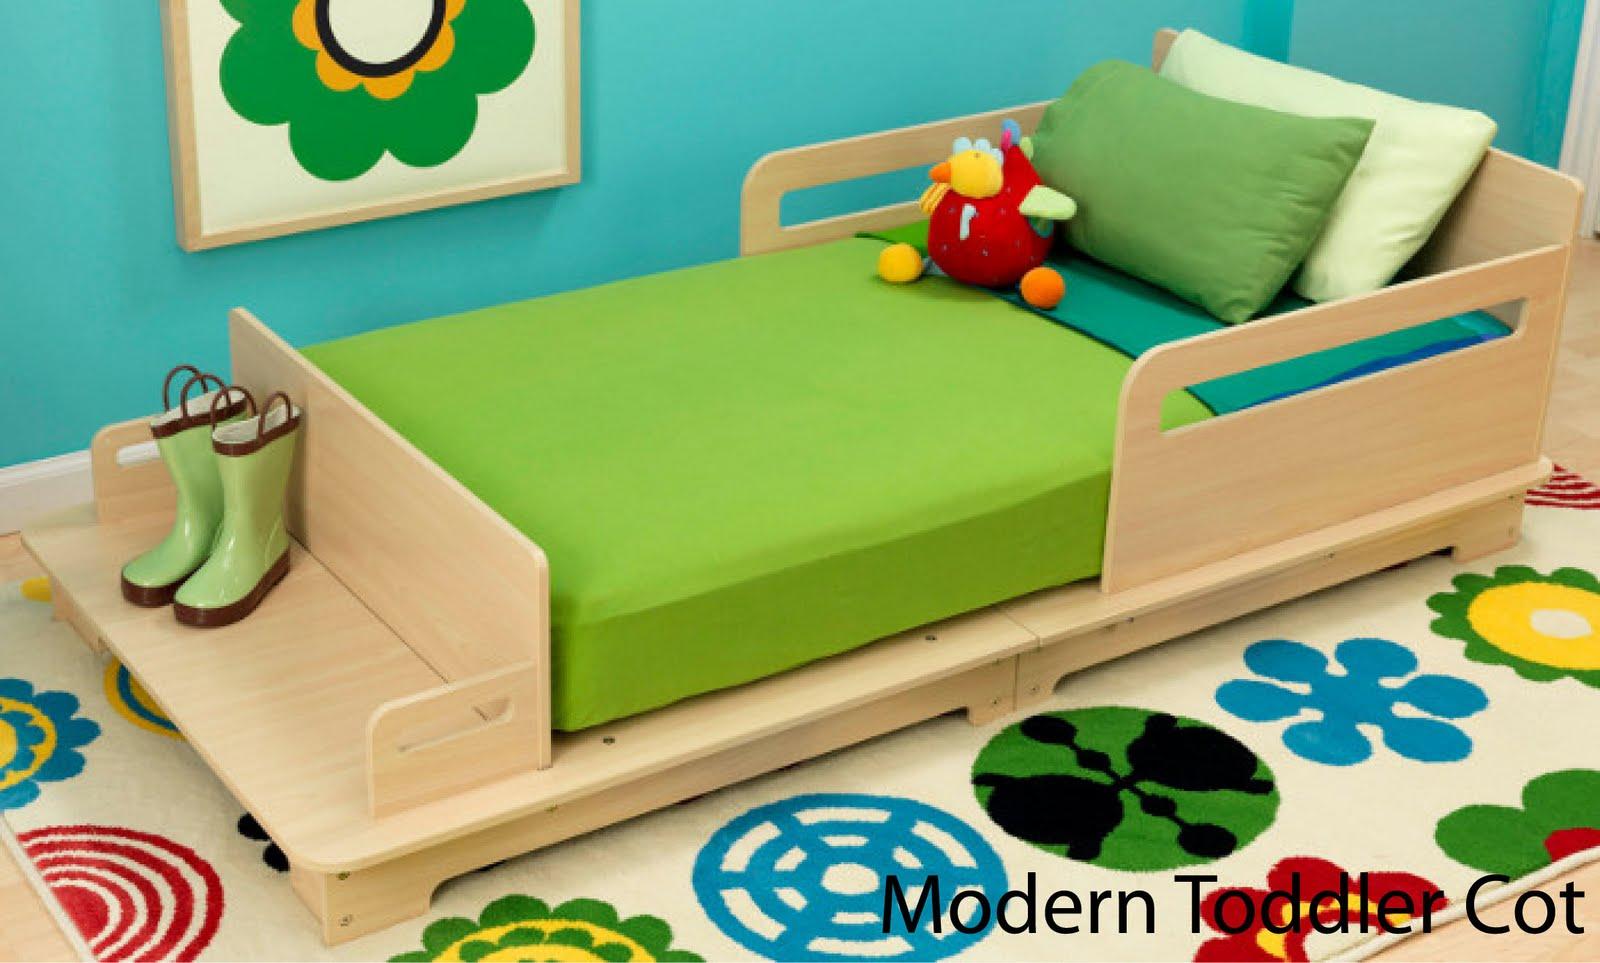 KidKraft Toys & Furniture: Babyology Reviews KidKraft's Modern